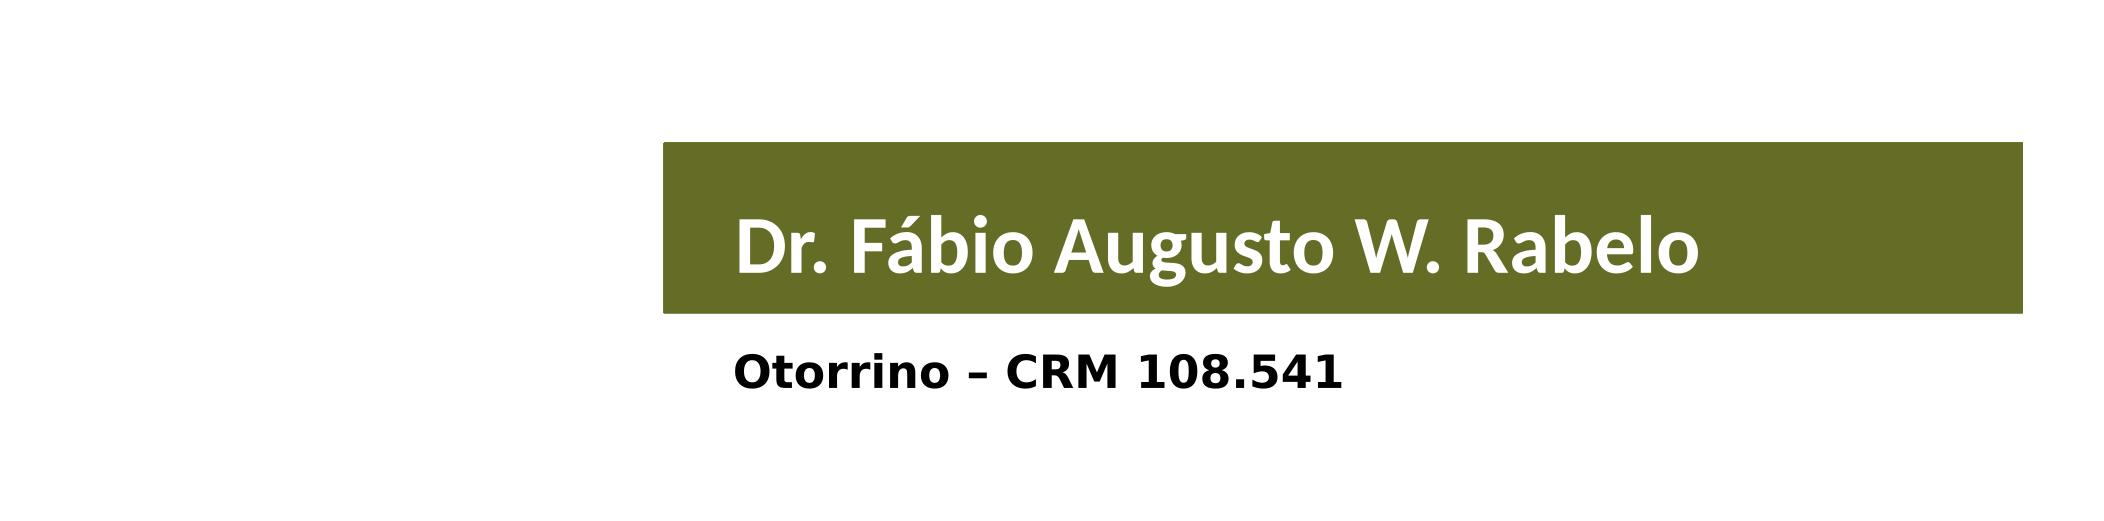 especialista dr fabio augusto w rabelo 080419